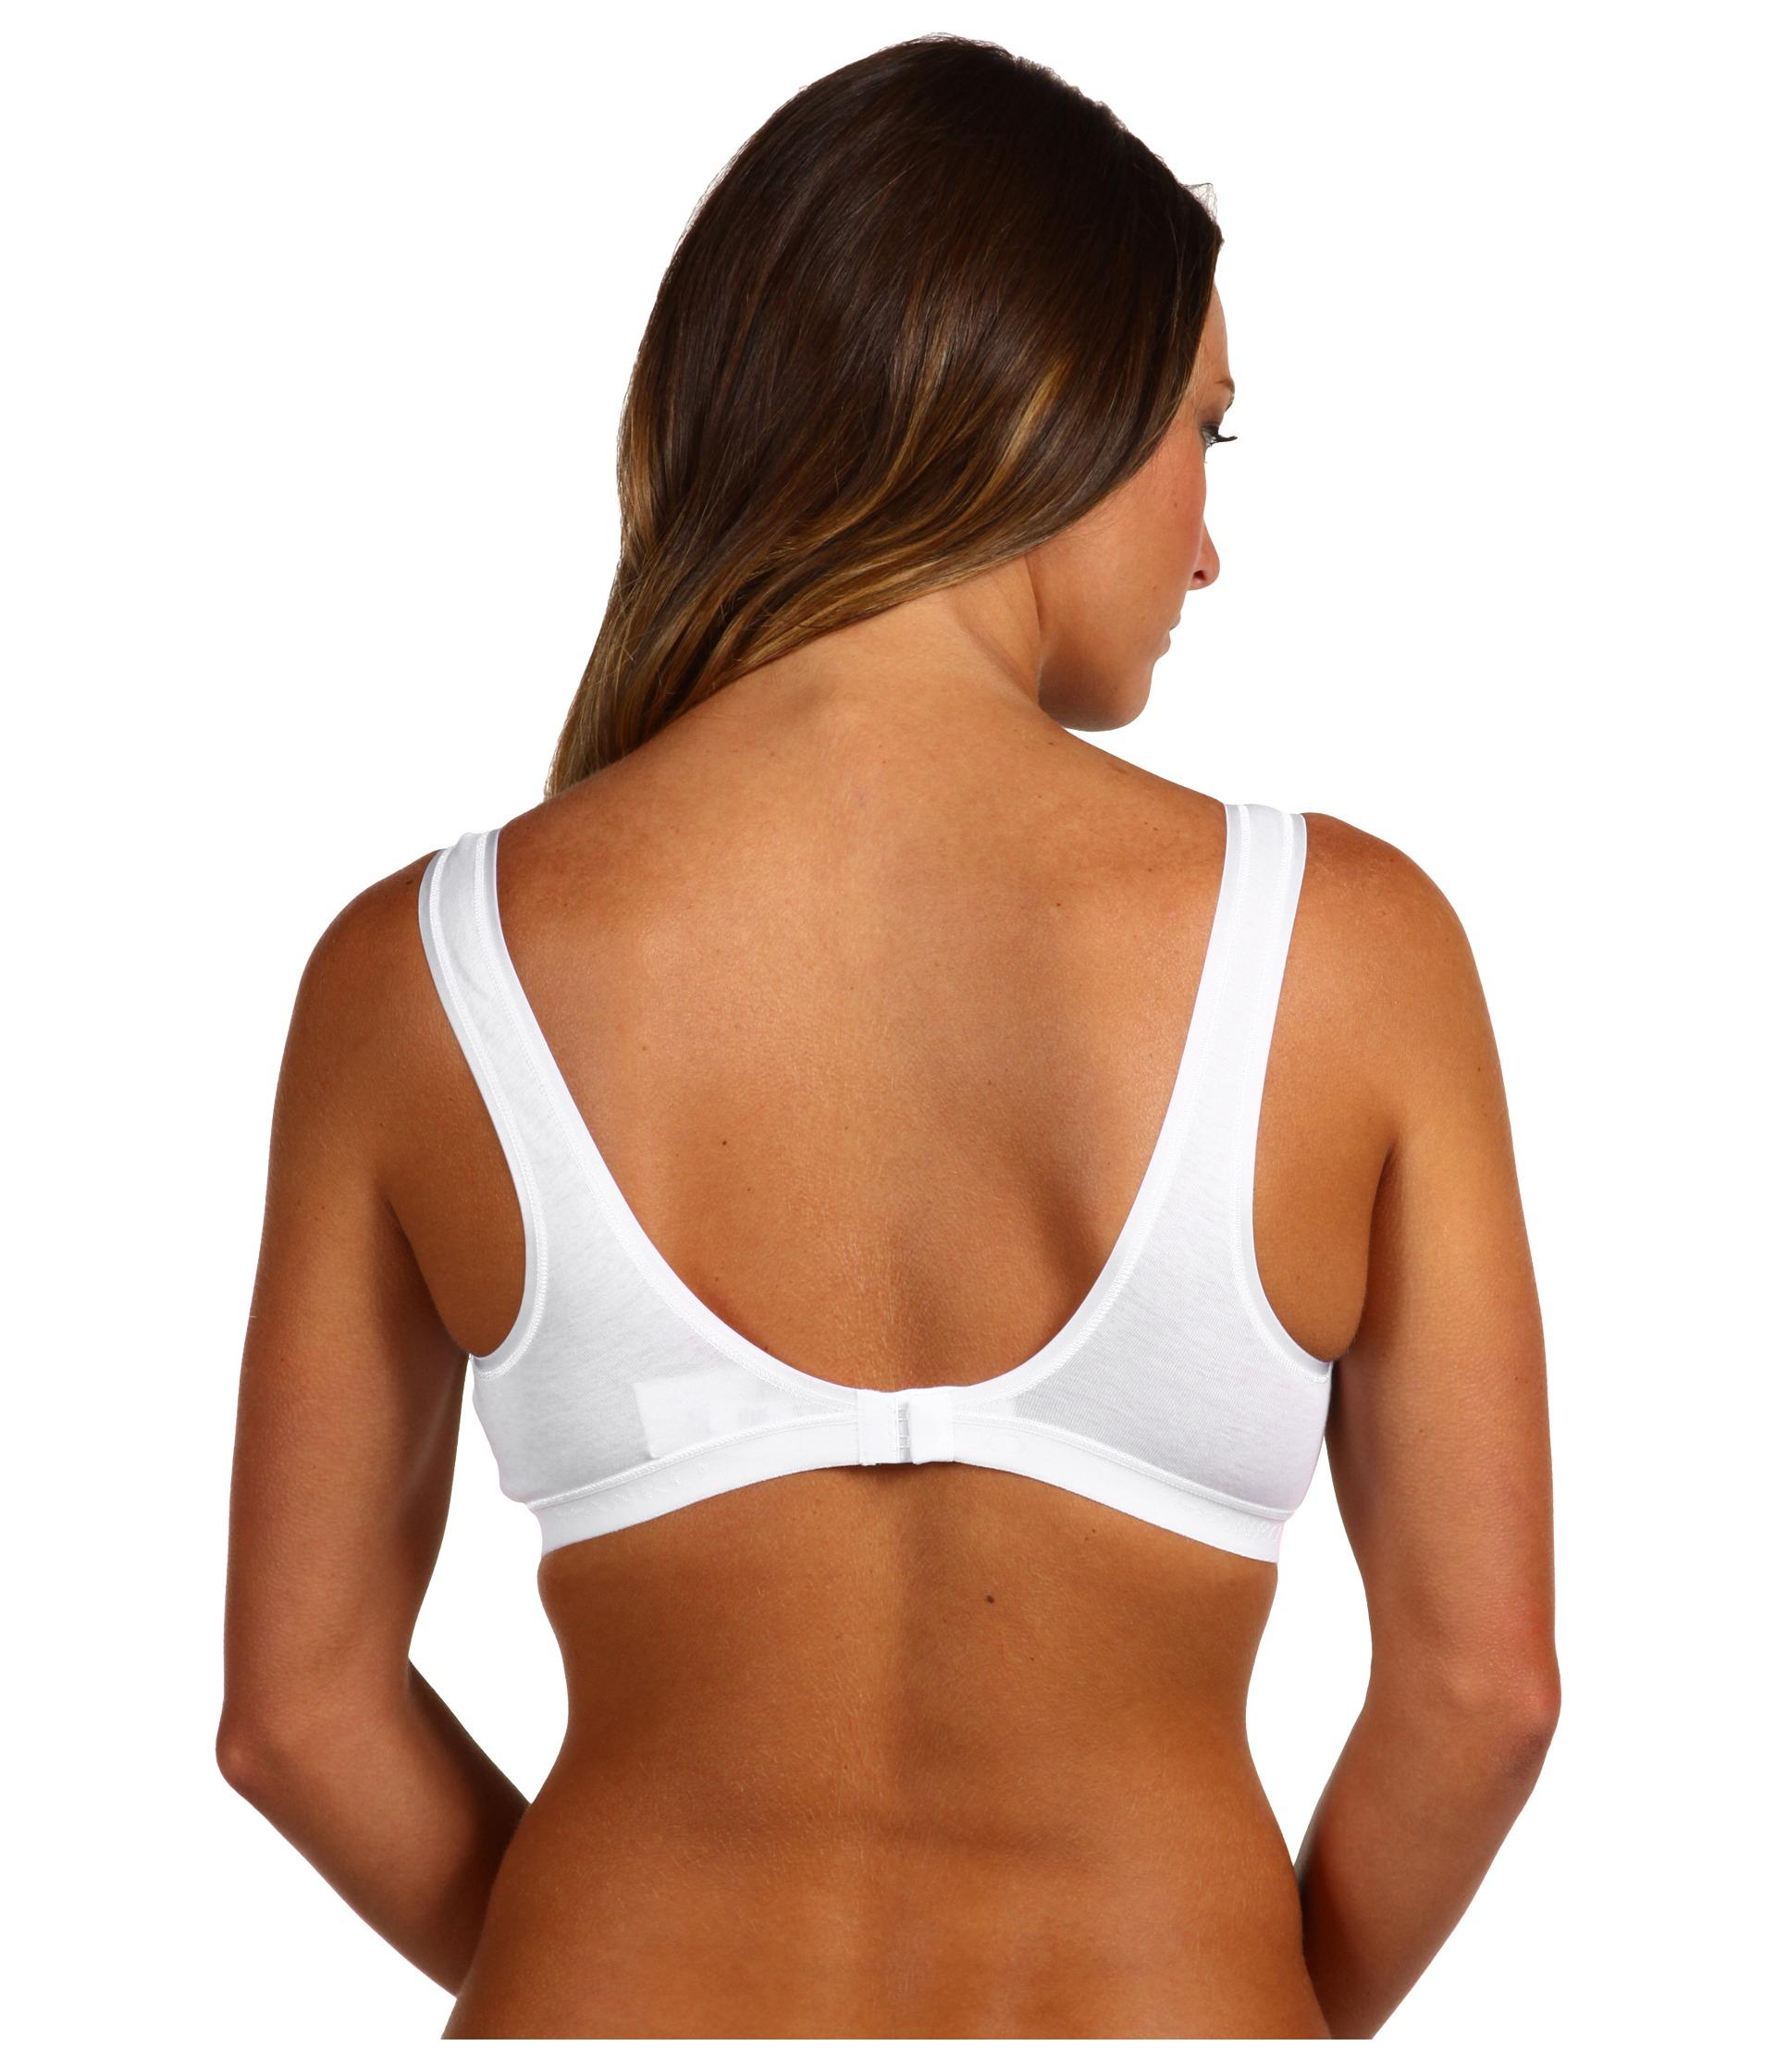 7201d8f0e2 Lyst - Hanro Cotton Seamless Soft Cup Bra 1632 in White